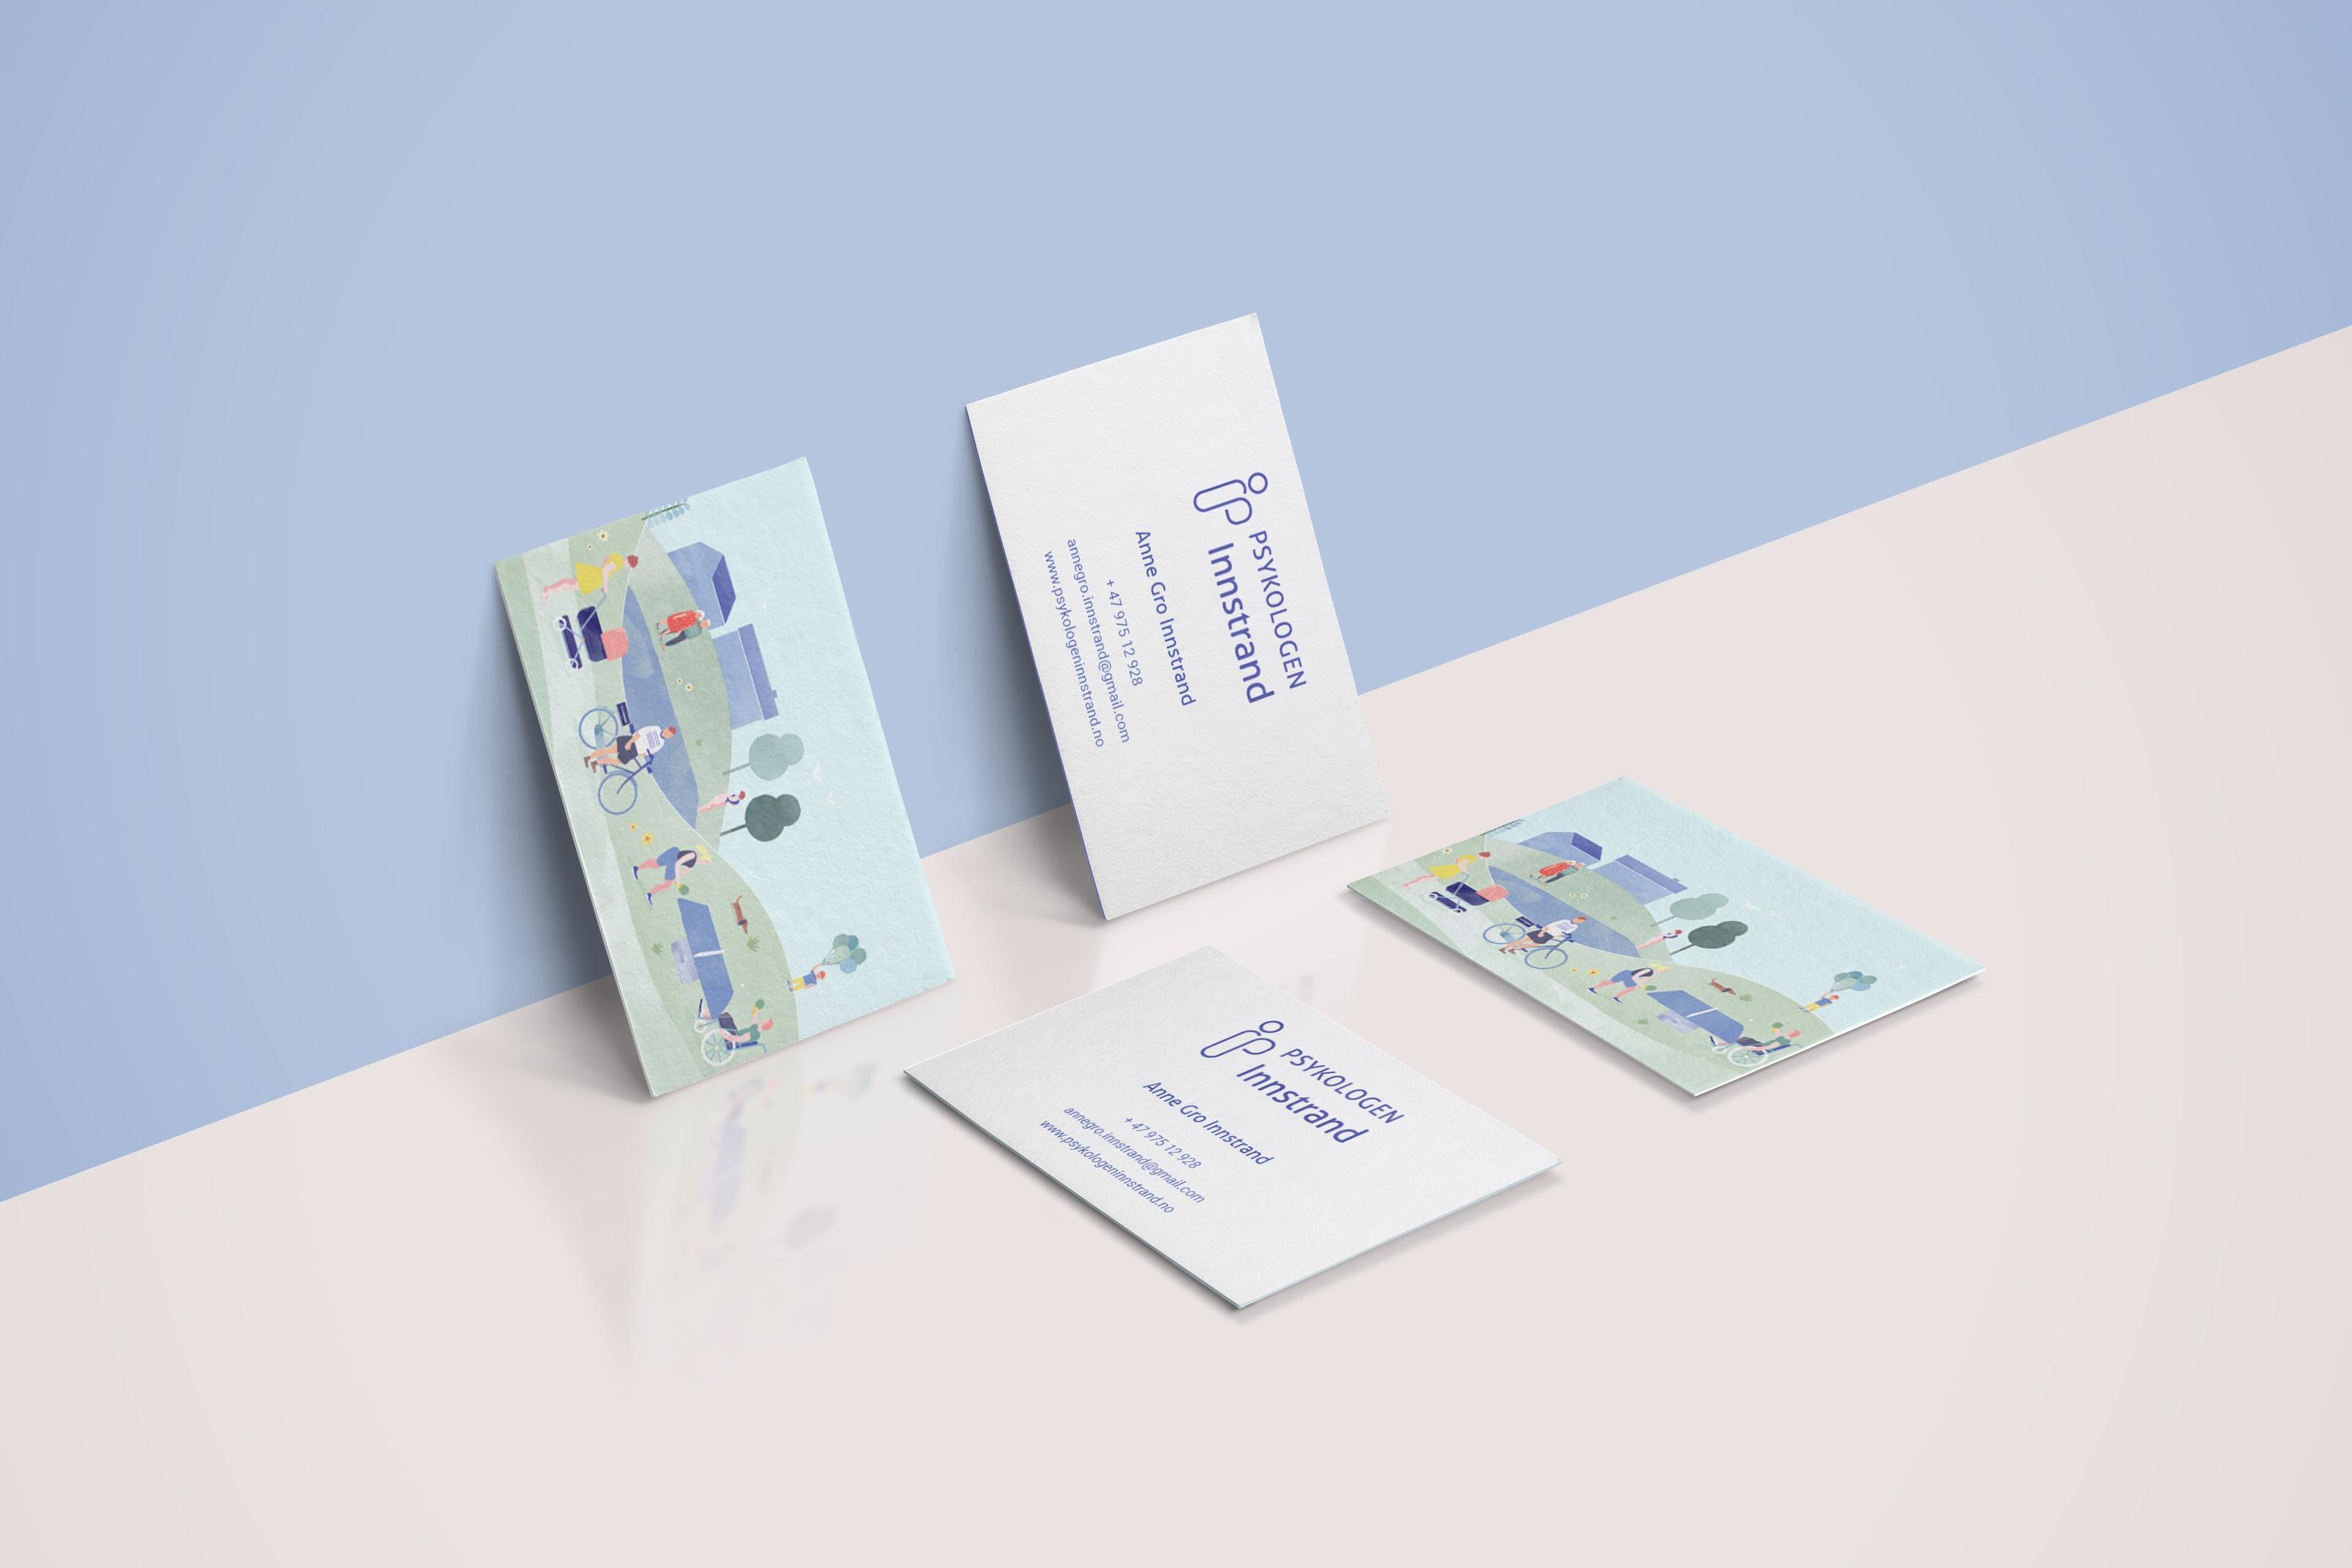 visittkort - Visuell identitet, logo og illustrasjon for Psykologen Innstrand - skyfri himmel, parkliv, urban, natur av Ohoi Studio